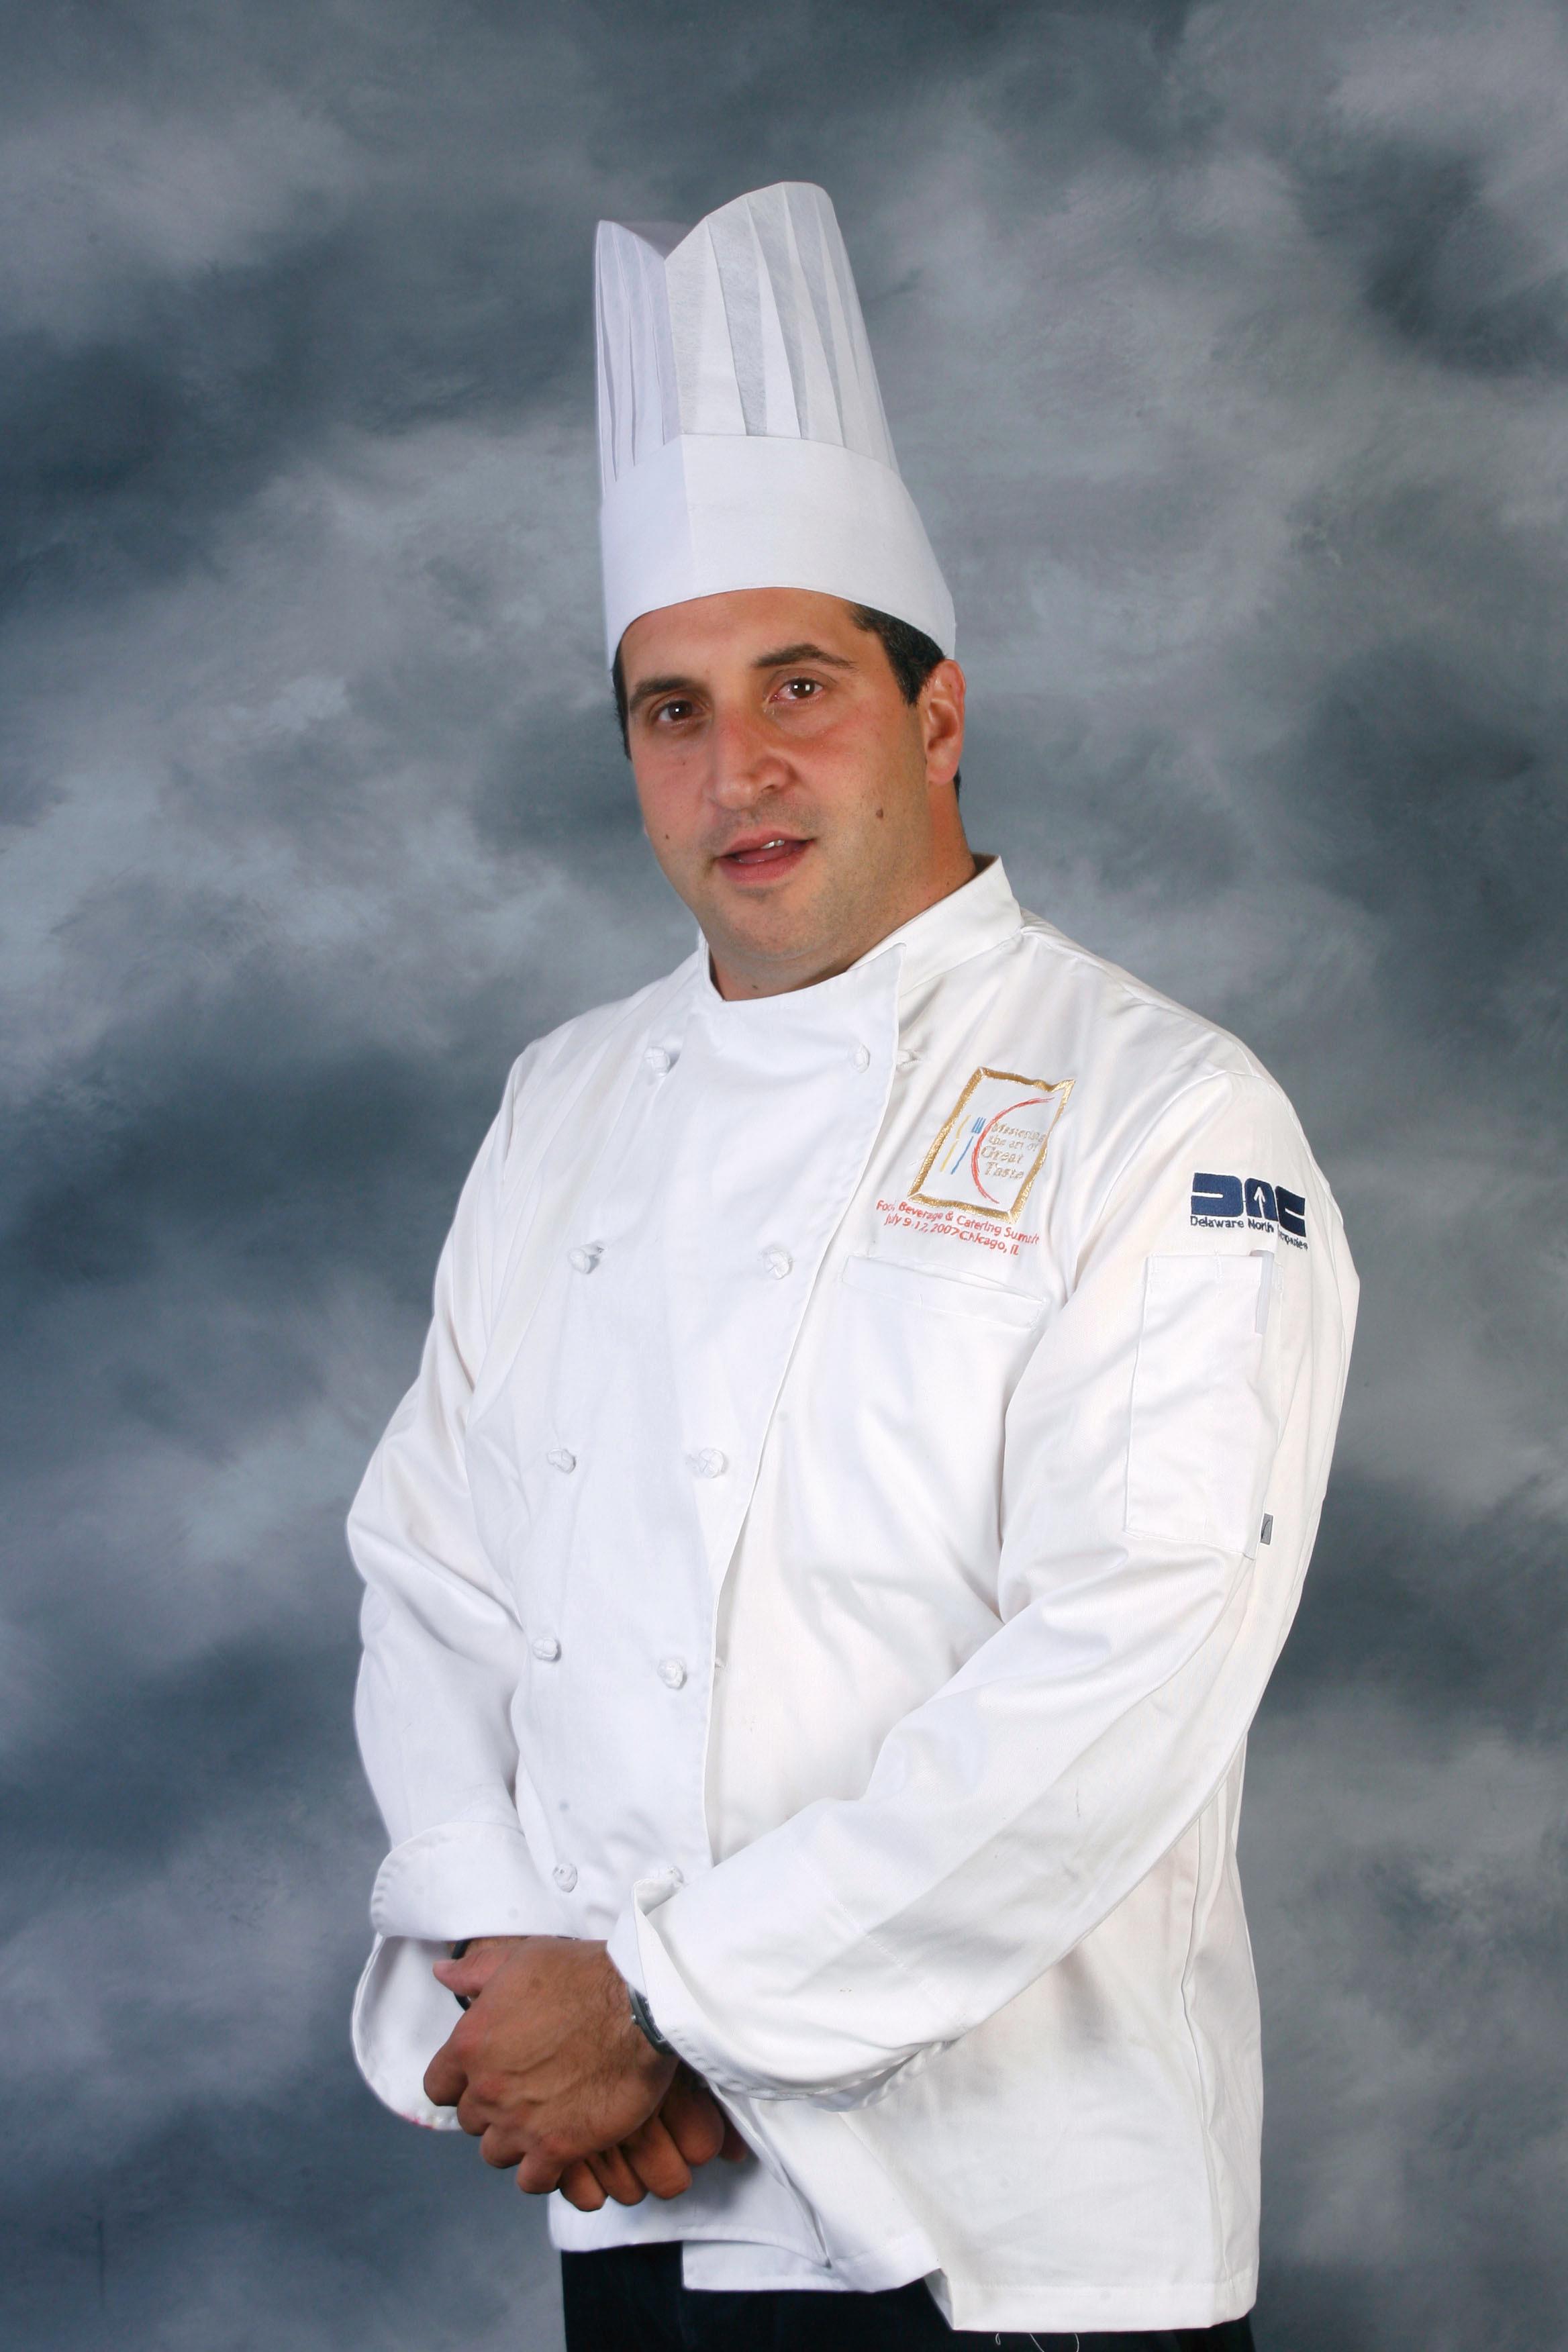 TOP CHEF - FOTOS El concurso de cocina más famoso de la